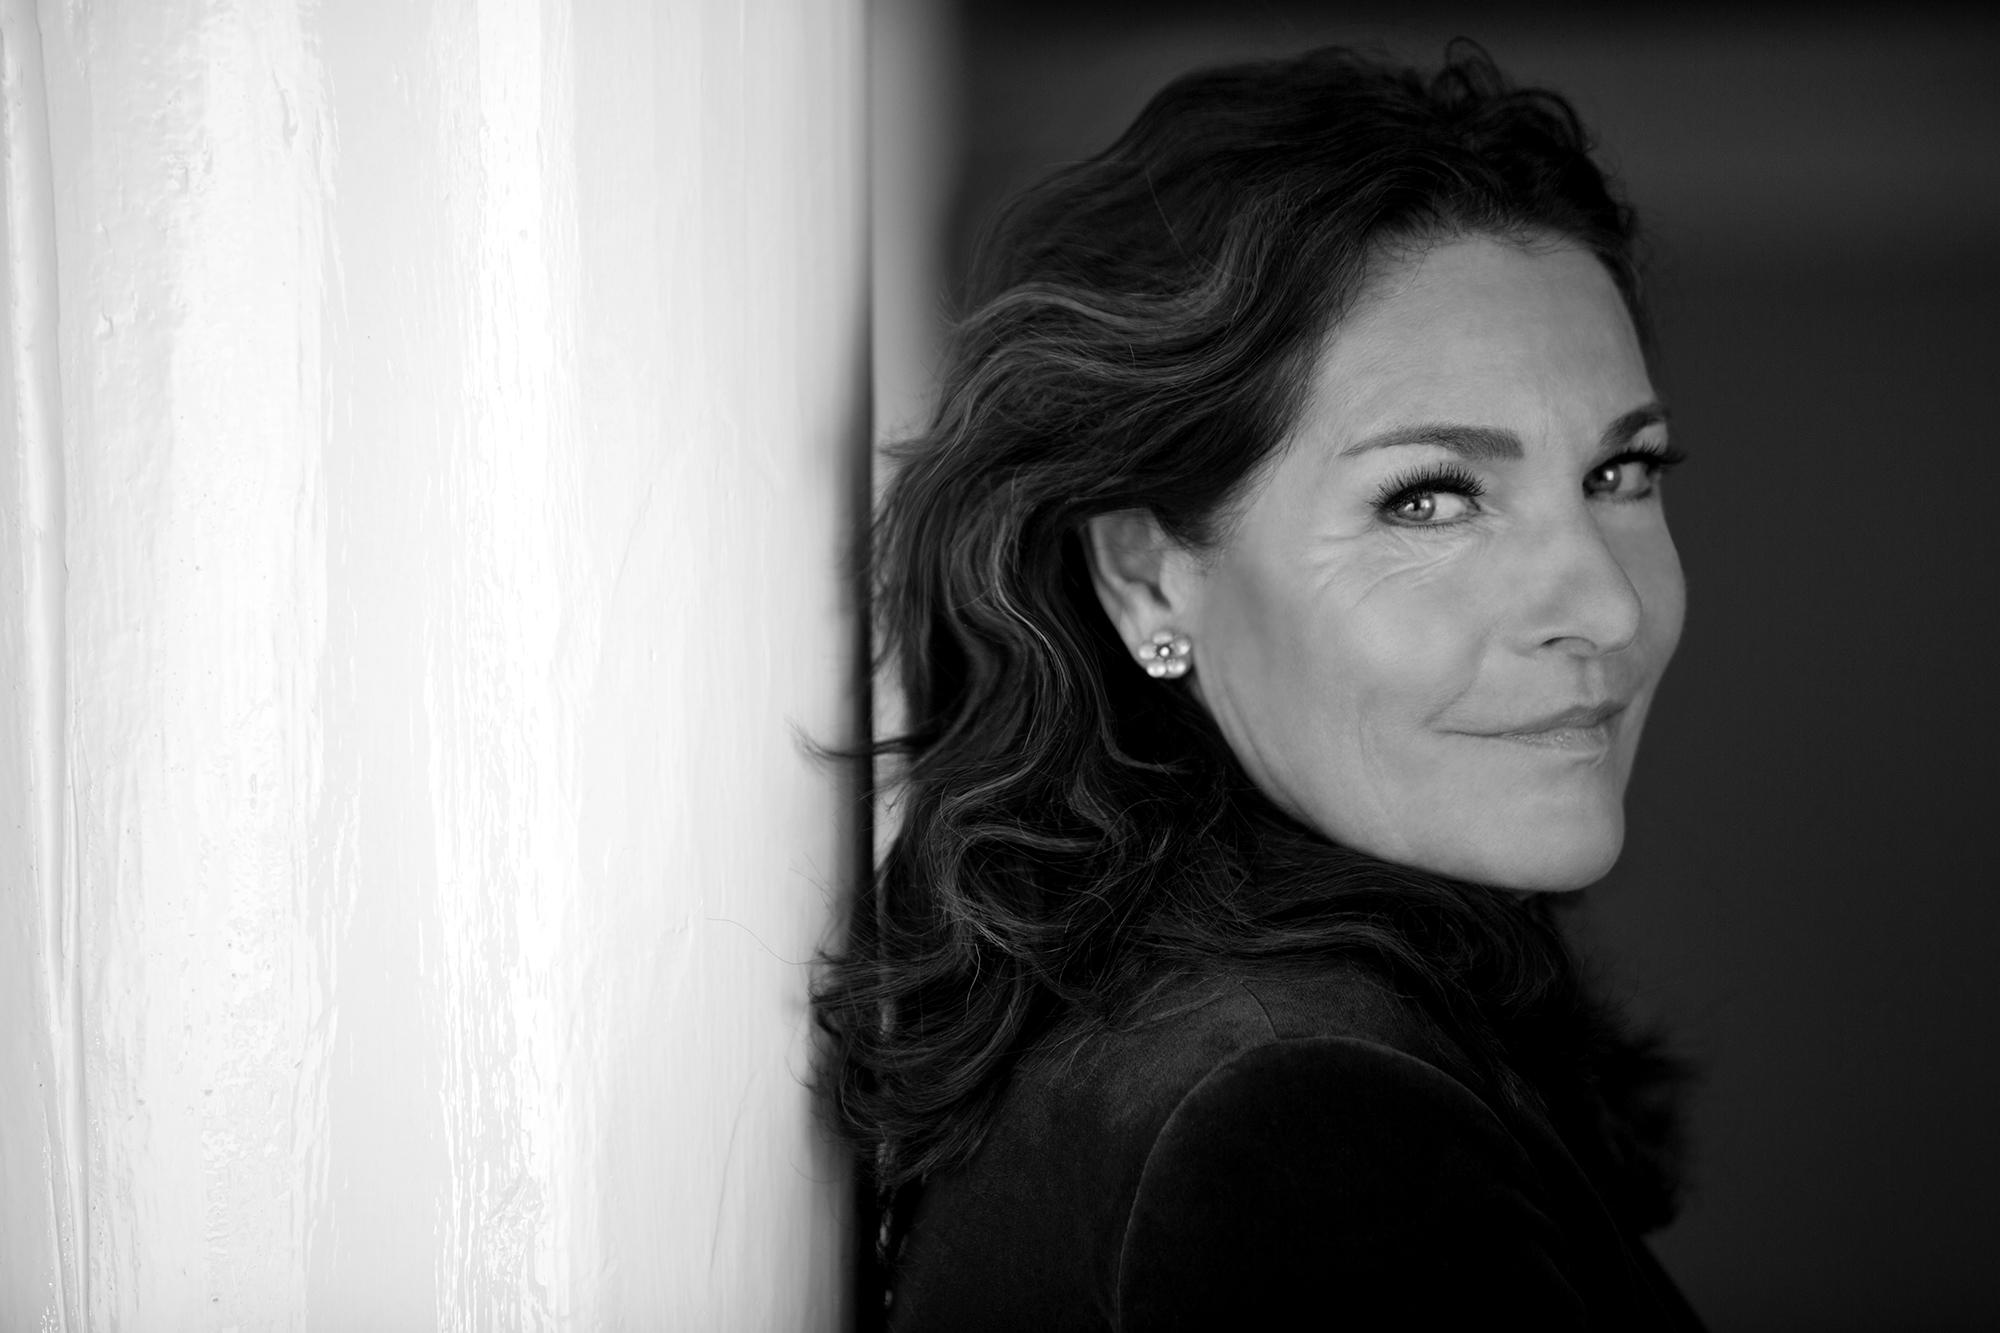 Danish singer Lis Sørensen